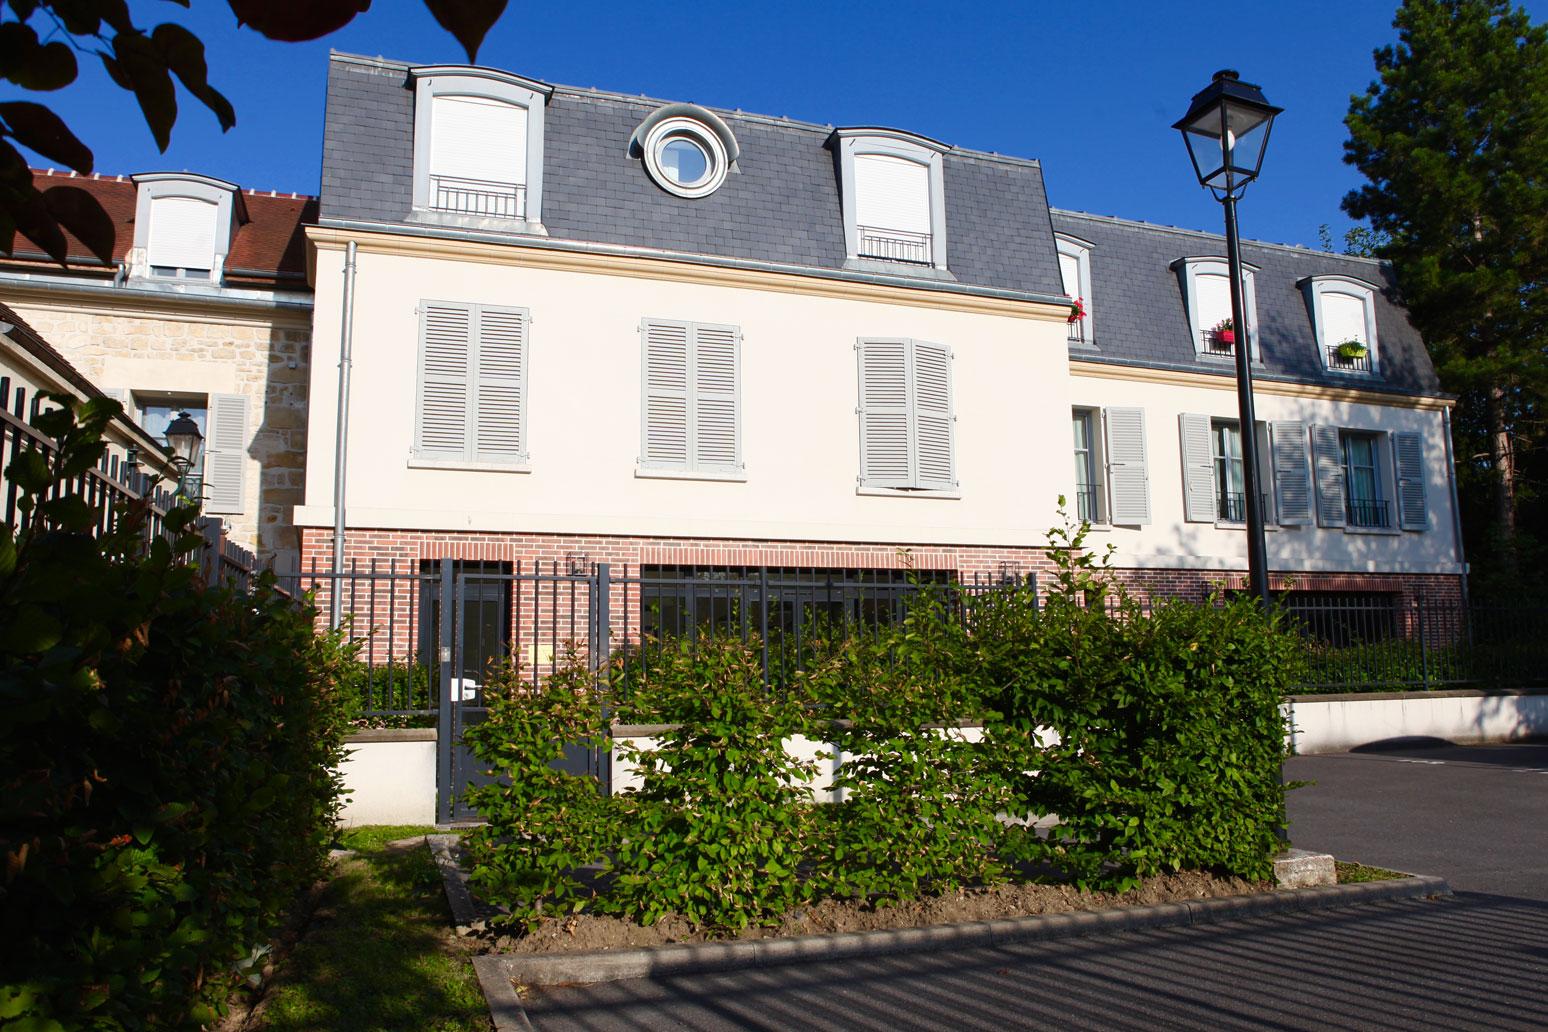 Residence_eglise_4